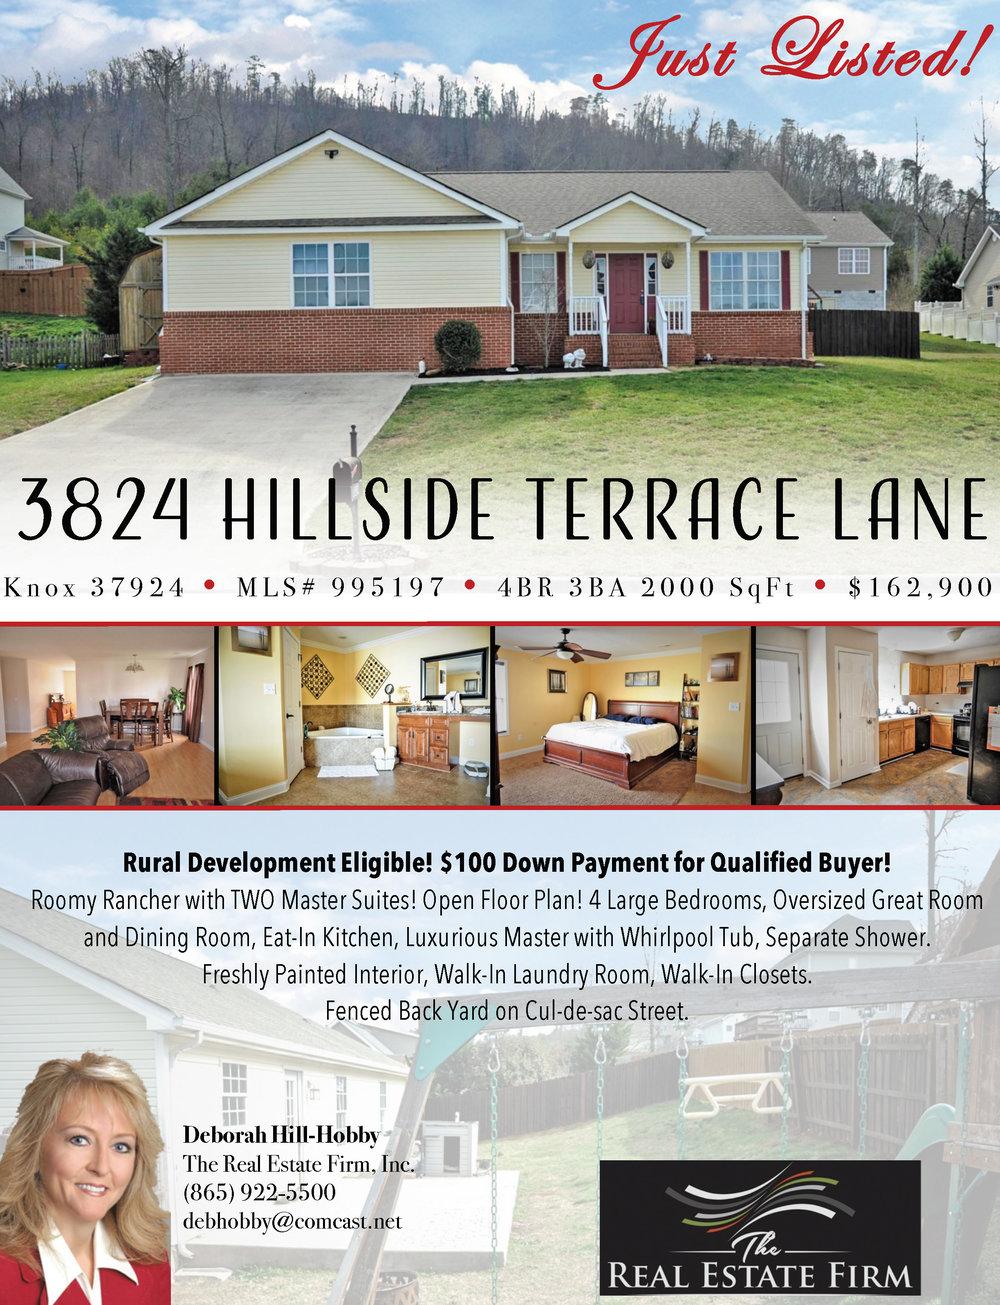 3824 Hillside Terrace Ln. Just Listed.jpg